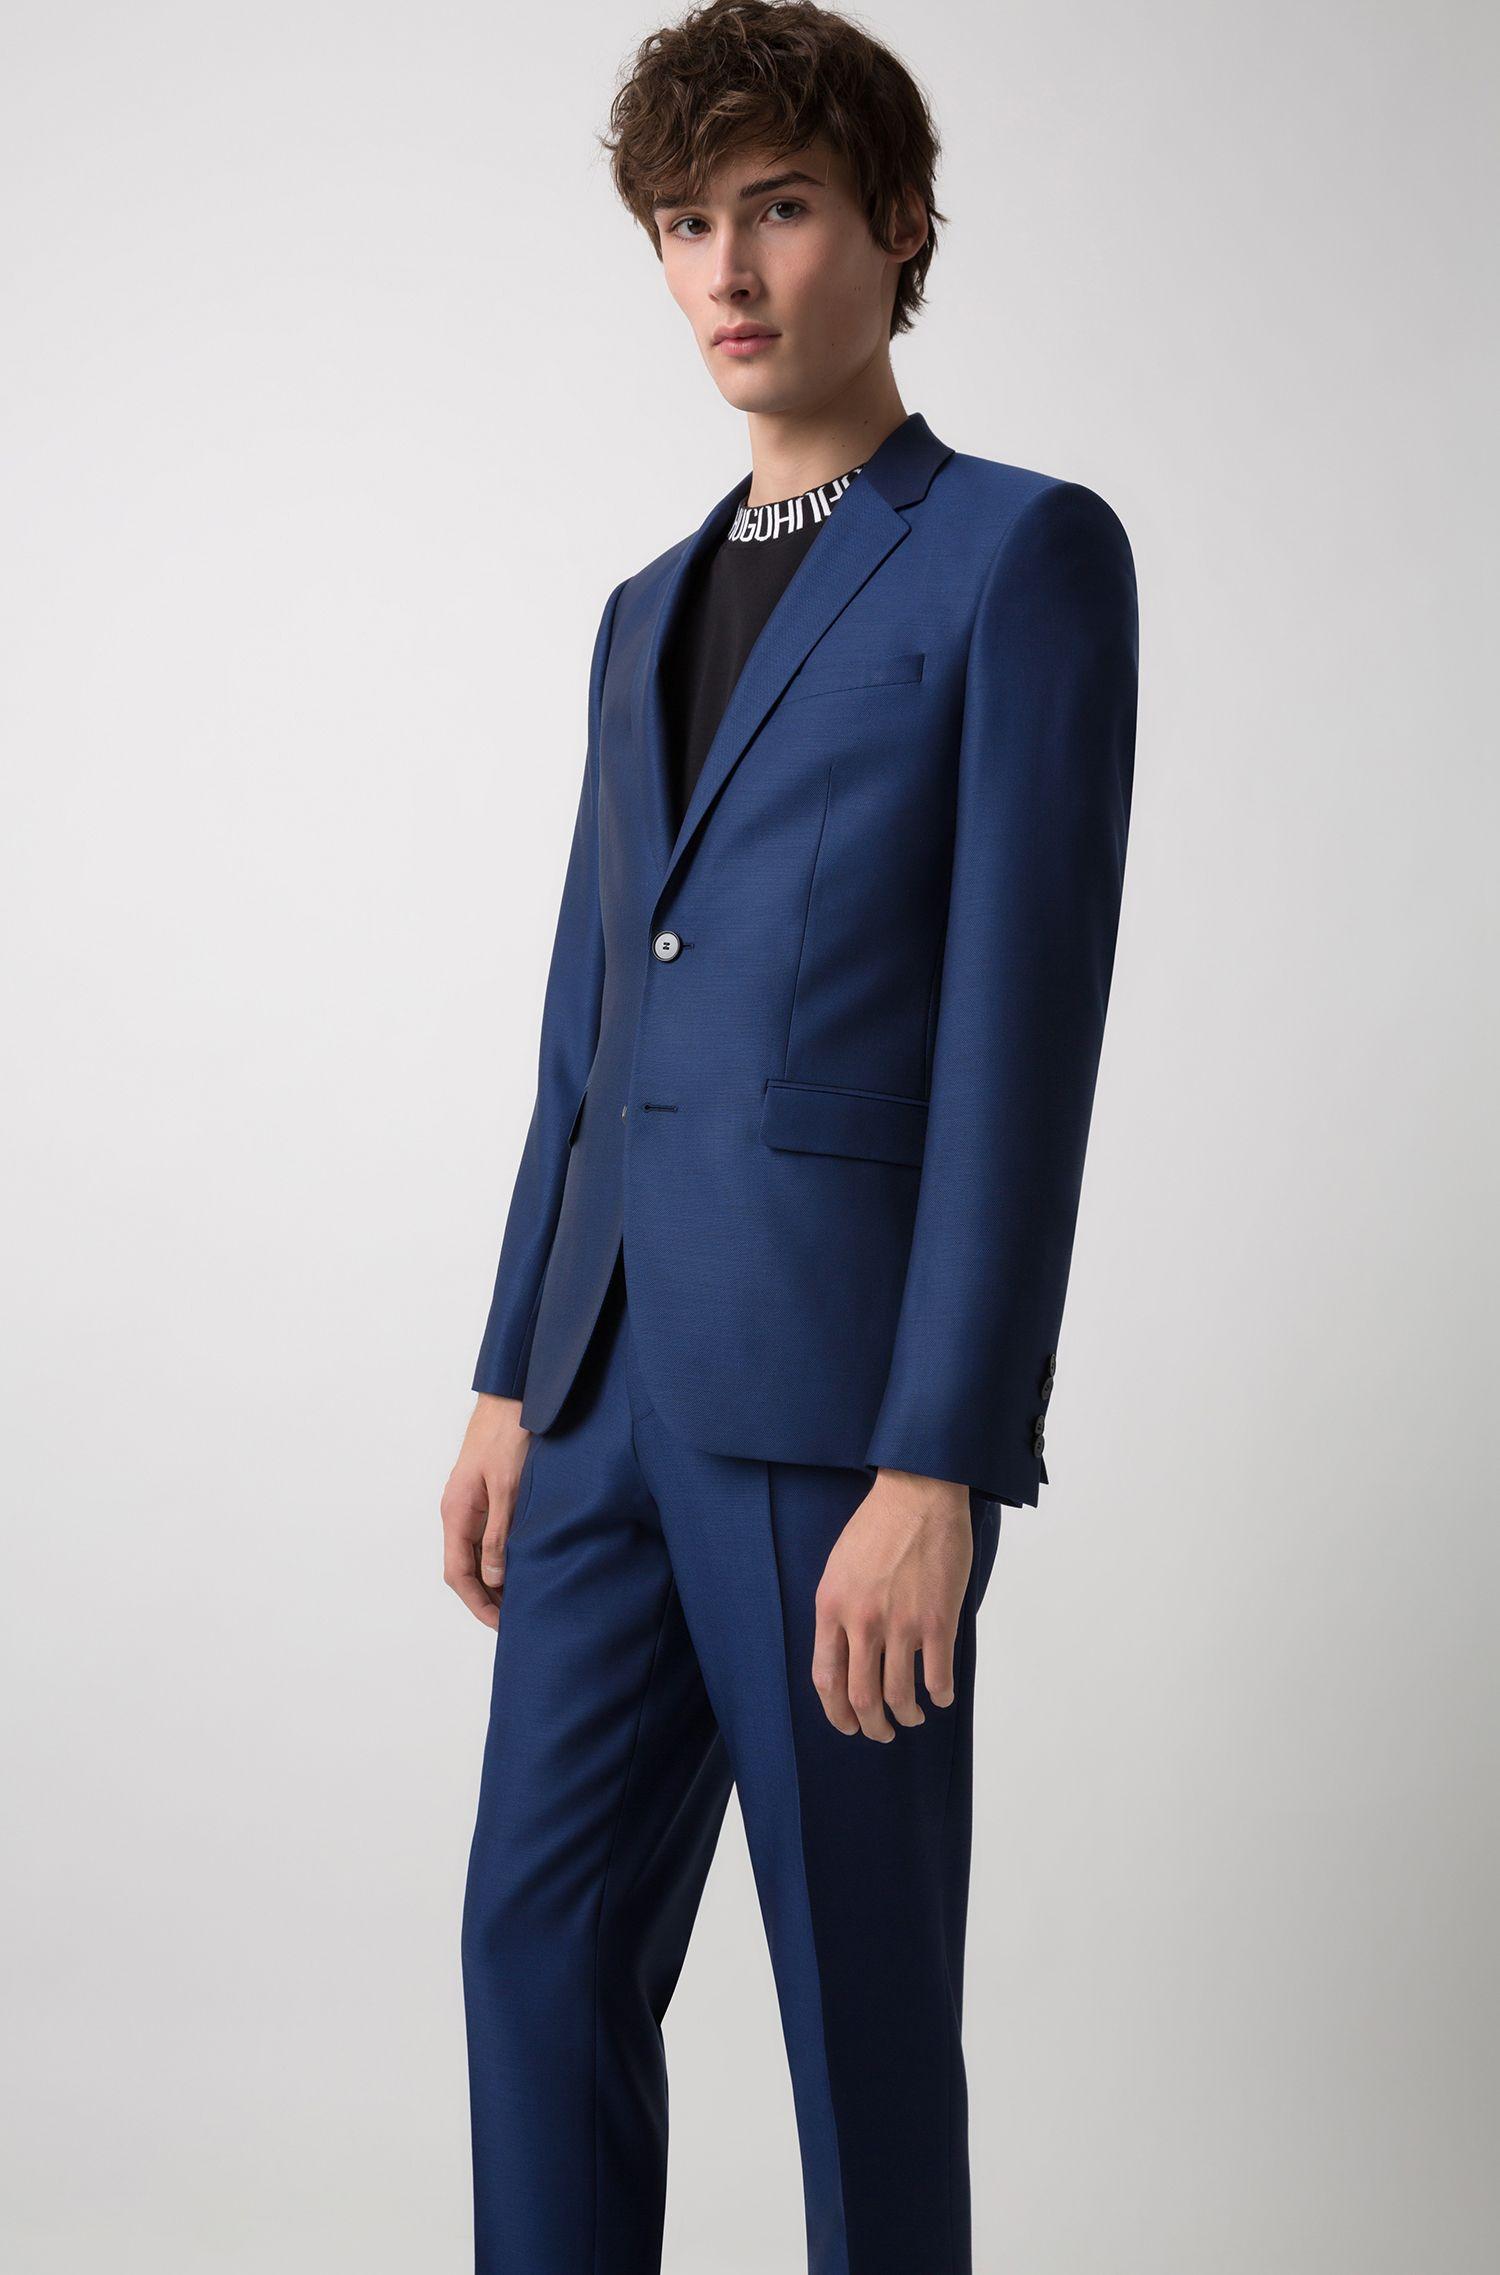 Costume Extra Slim Fit en laine vierge à micromotif, Bleu foncé